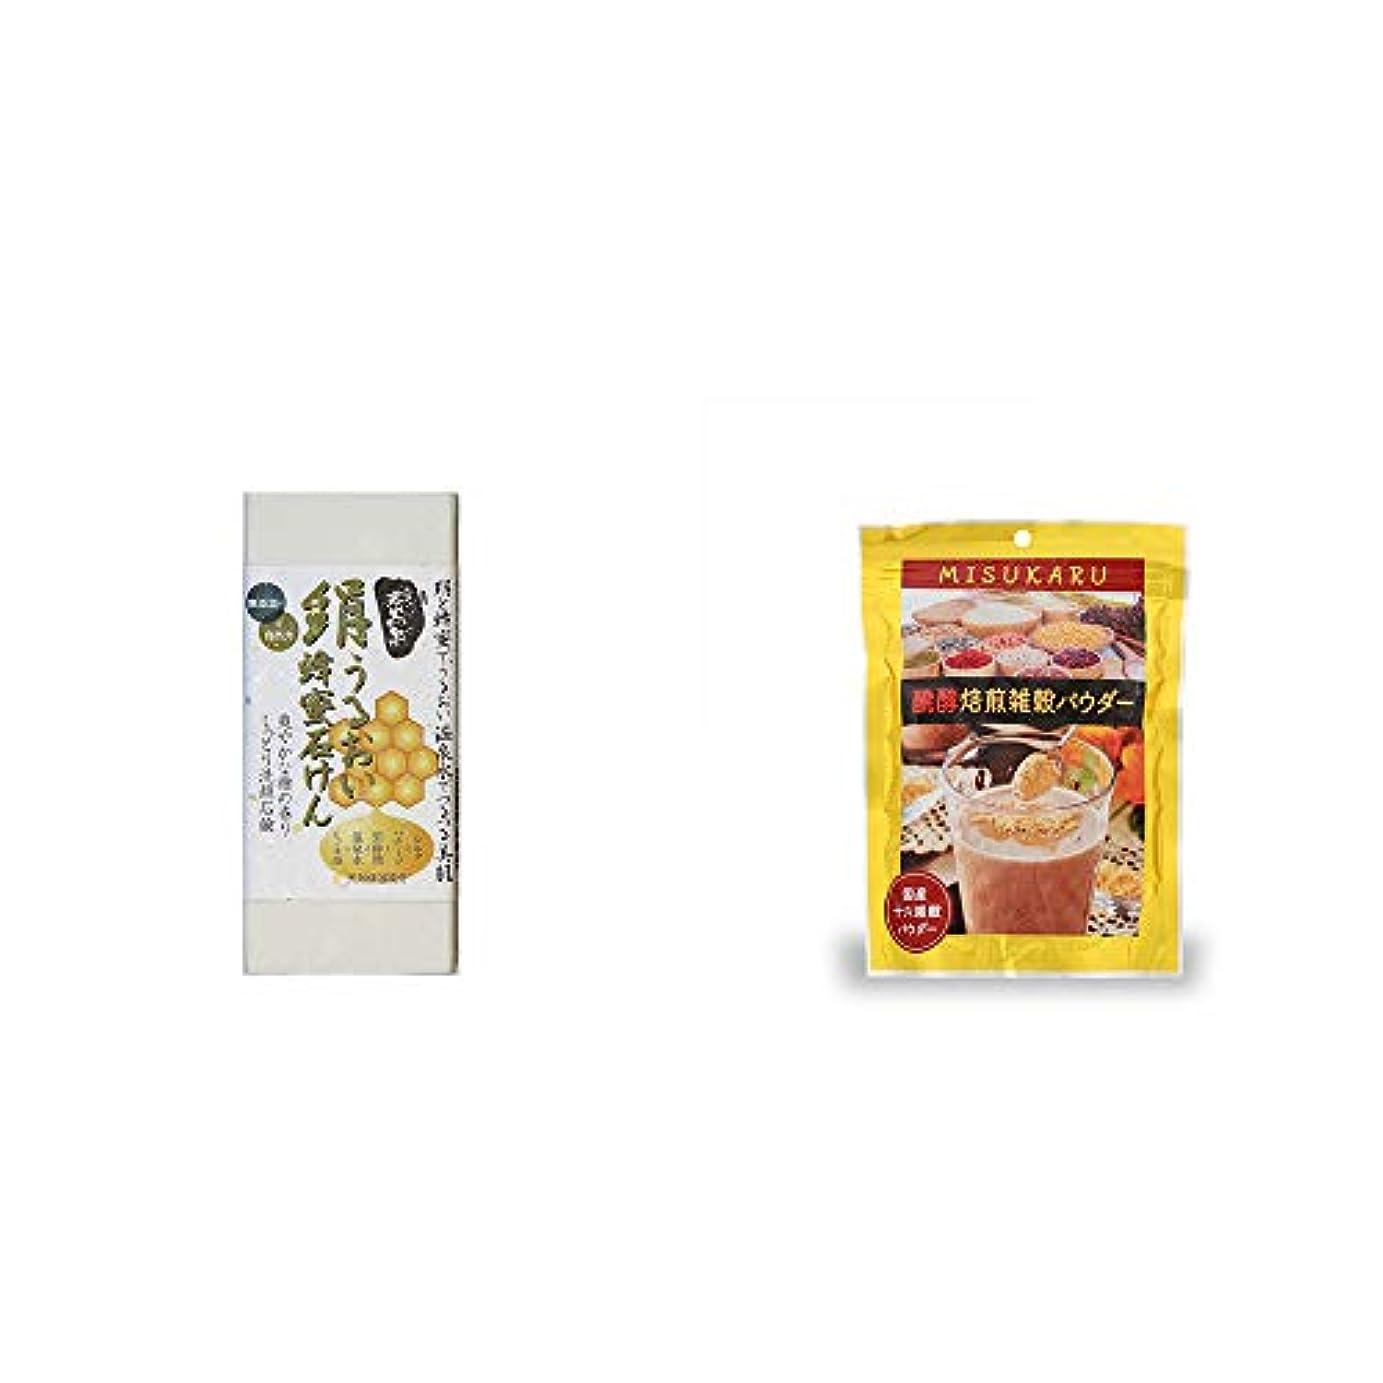 姓研究所見習い[2点セット] ひのき炭黒泉 絹うるおい蜂蜜石けん(75g×2)?醗酵焙煎雑穀パウダー MISUKARU(ミスカル)(200g)